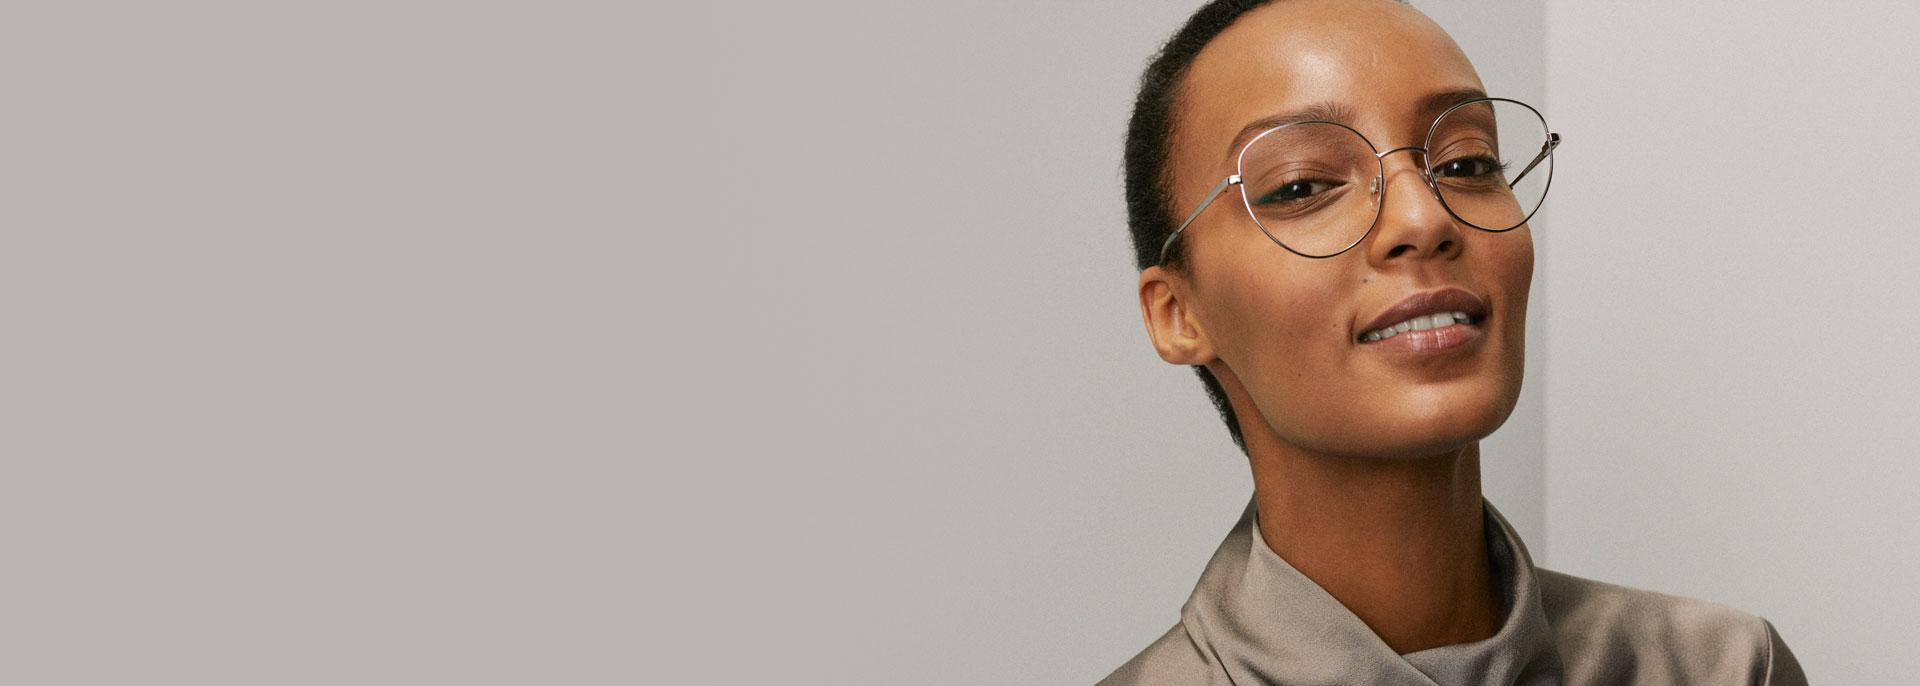 Råd til vedligeholdelse af briller fra Smarteyes